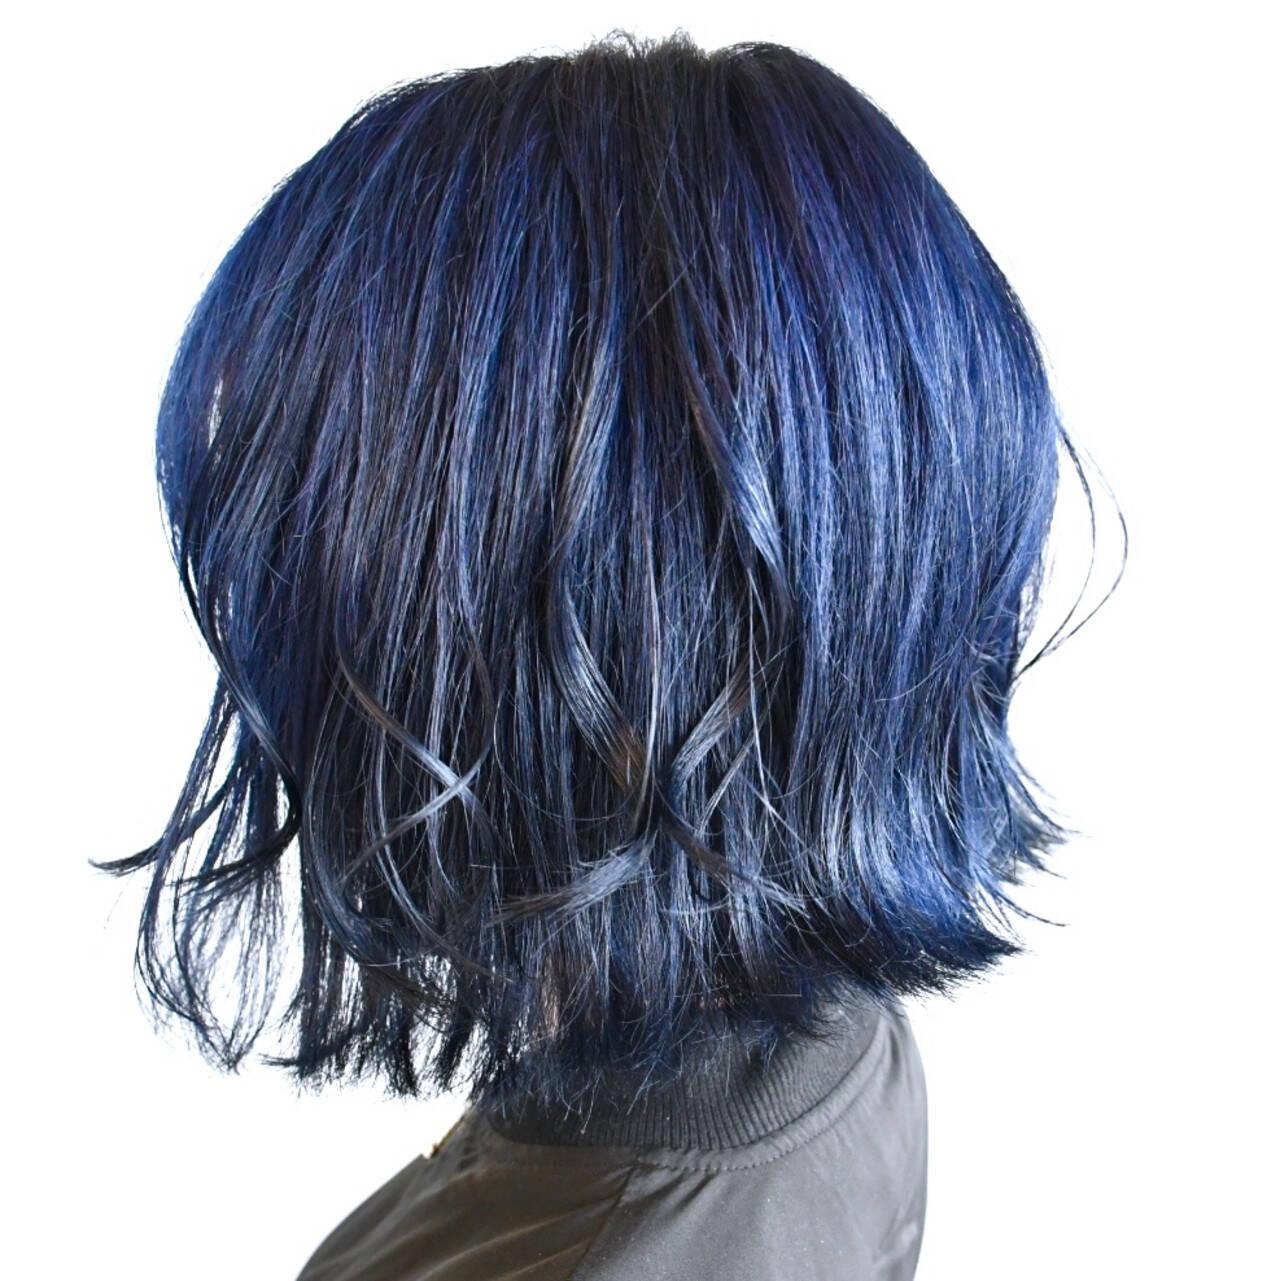 デート ボブ ストリート ミニボブヘアスタイルや髪型の写真・画像